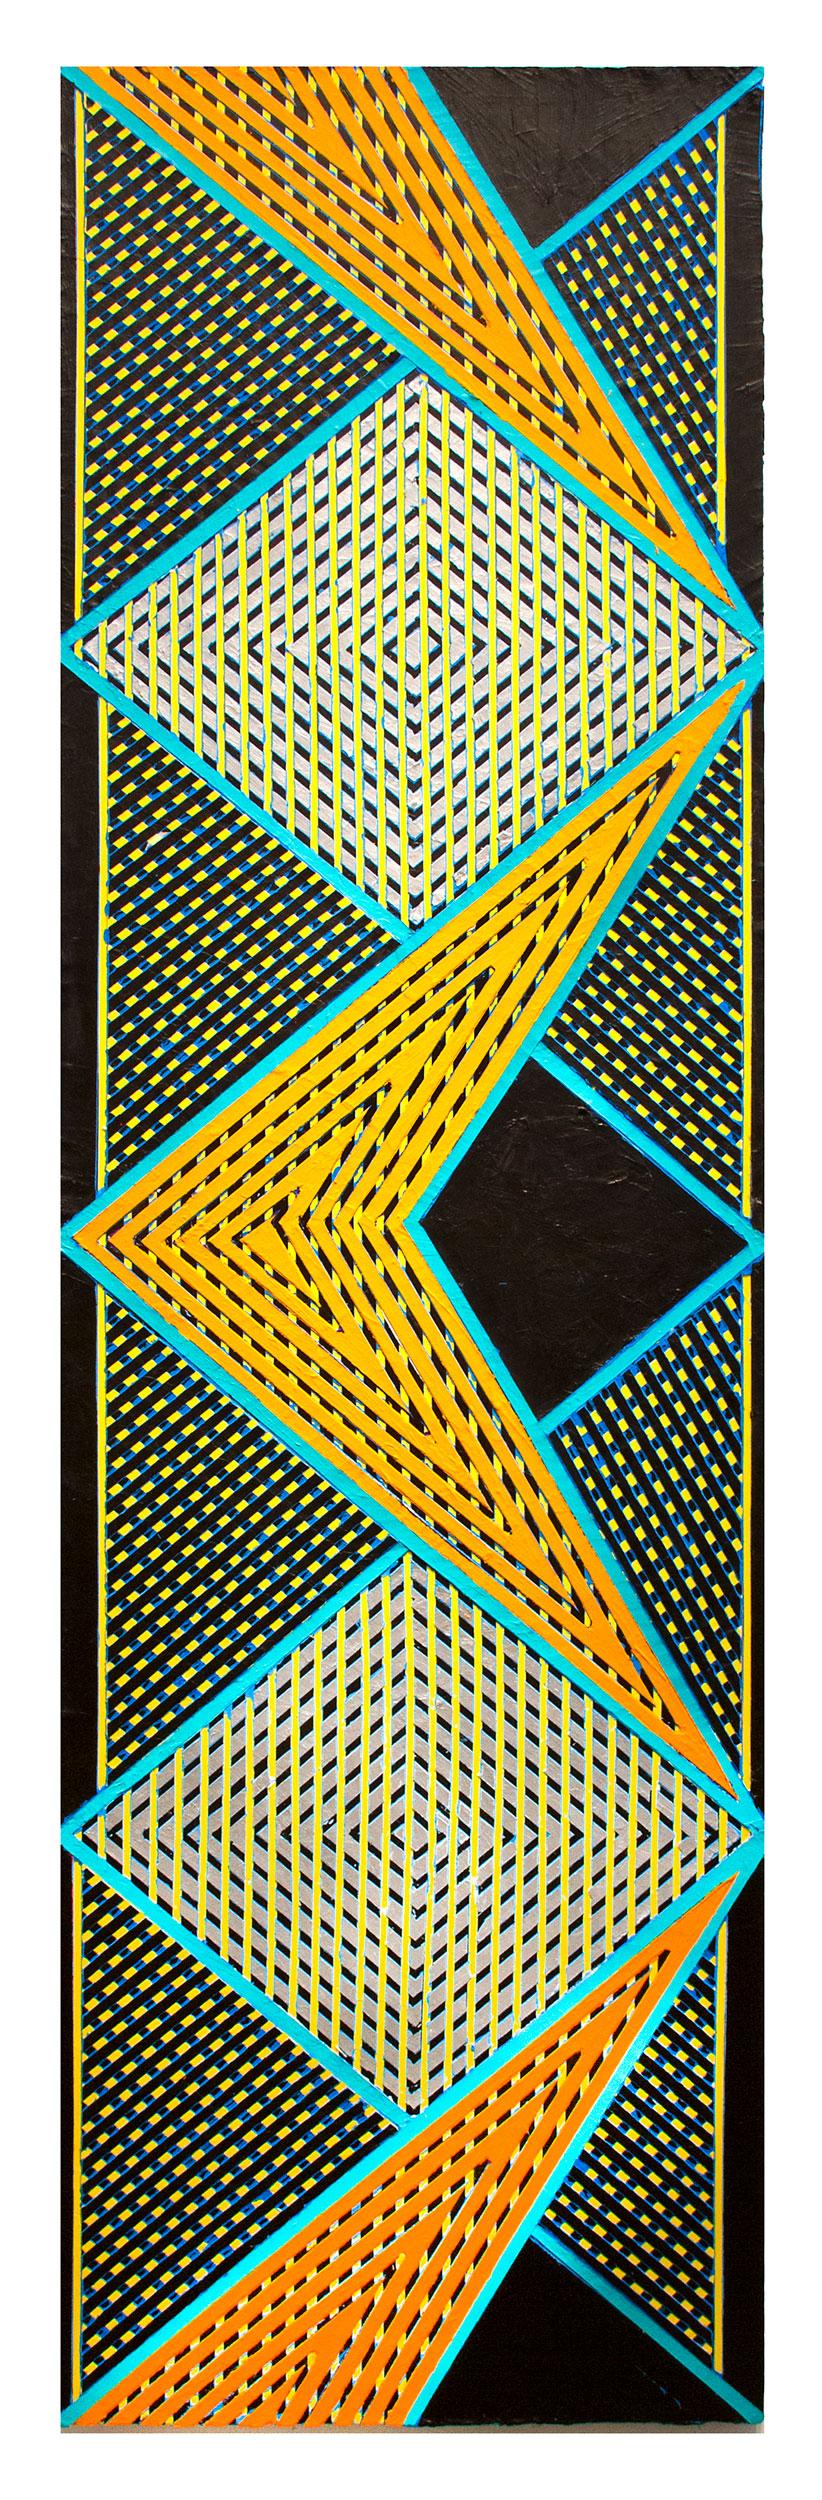 """2018 """"Zig-Zag w. Orange Chevron & Silver Diamonds""""  Acrylic on Canvas 84H x 24W"""